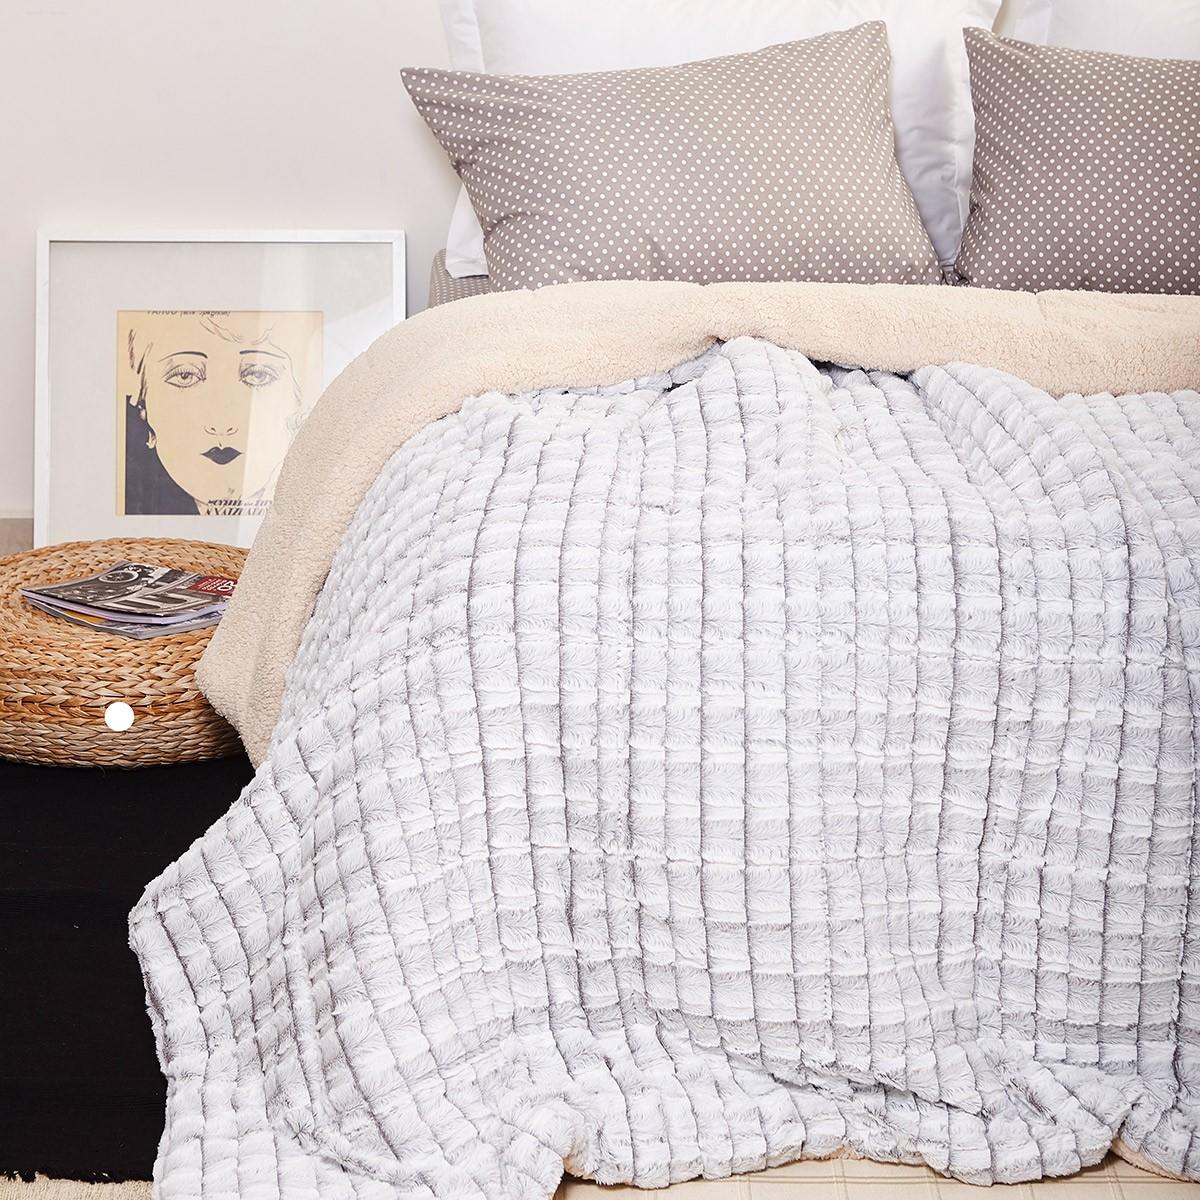 Κουβερτοπάπλωμα Μονό Melinen Abby Chess home   κρεβατοκάμαρα   παπλώματα   κουβερτοπαπλώματα